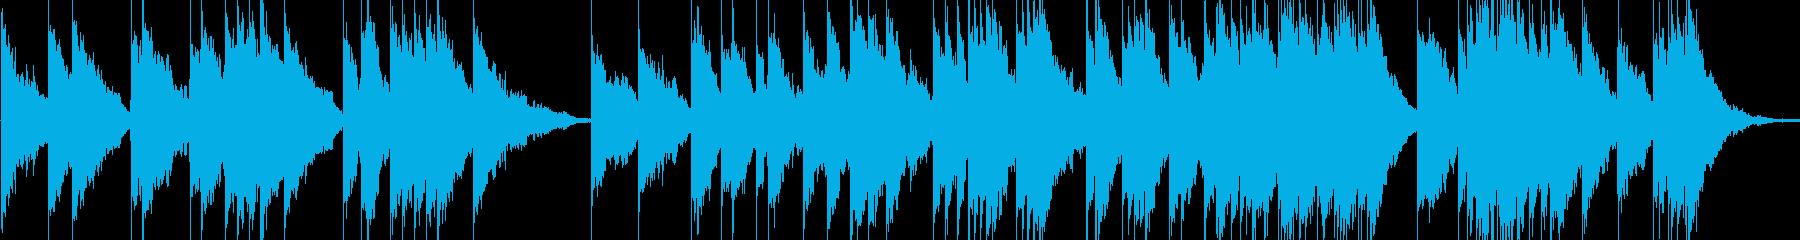 ピアノとシンセ。の再生済みの波形